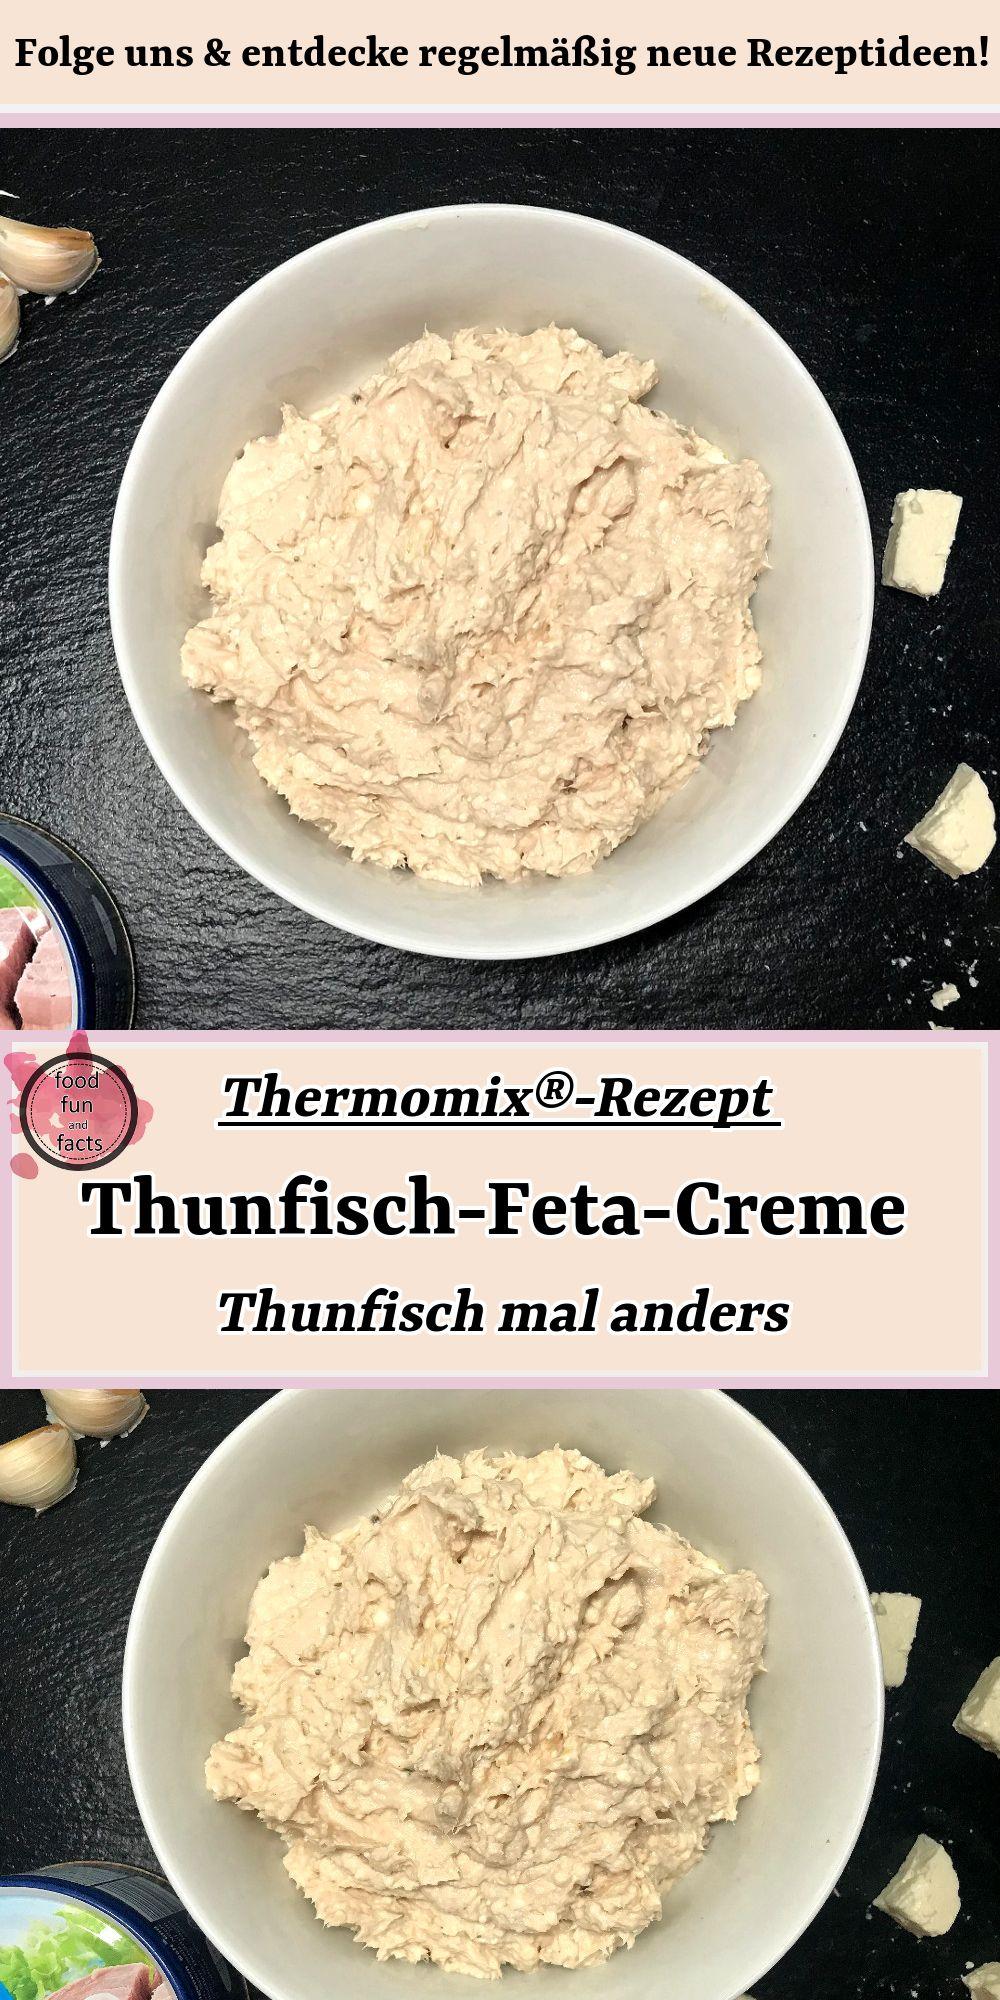 Thunfisch-Feta-Creme | Thermomix-Rezept